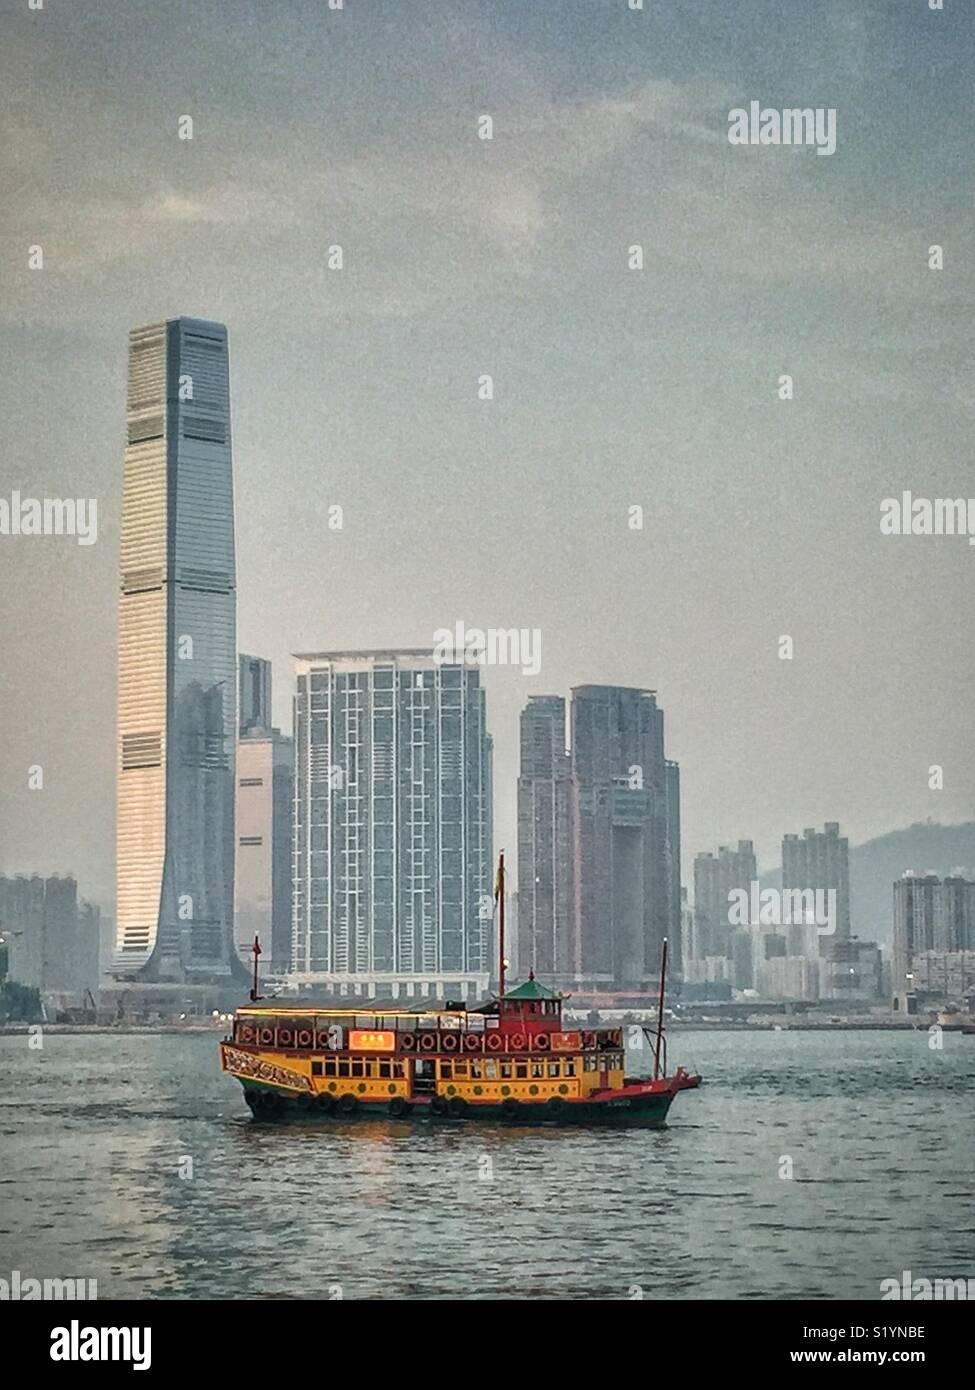 """L 'aile sur Voyage"""", un double decker jonque chinoise, transportant les touristes sur une croisière sur le port de Victoria, au crépuscule, en face de la CPI, le plus haut gratte-ciel de Hong Kong, dans l'Ouest de Kowloon Photo Stock"""